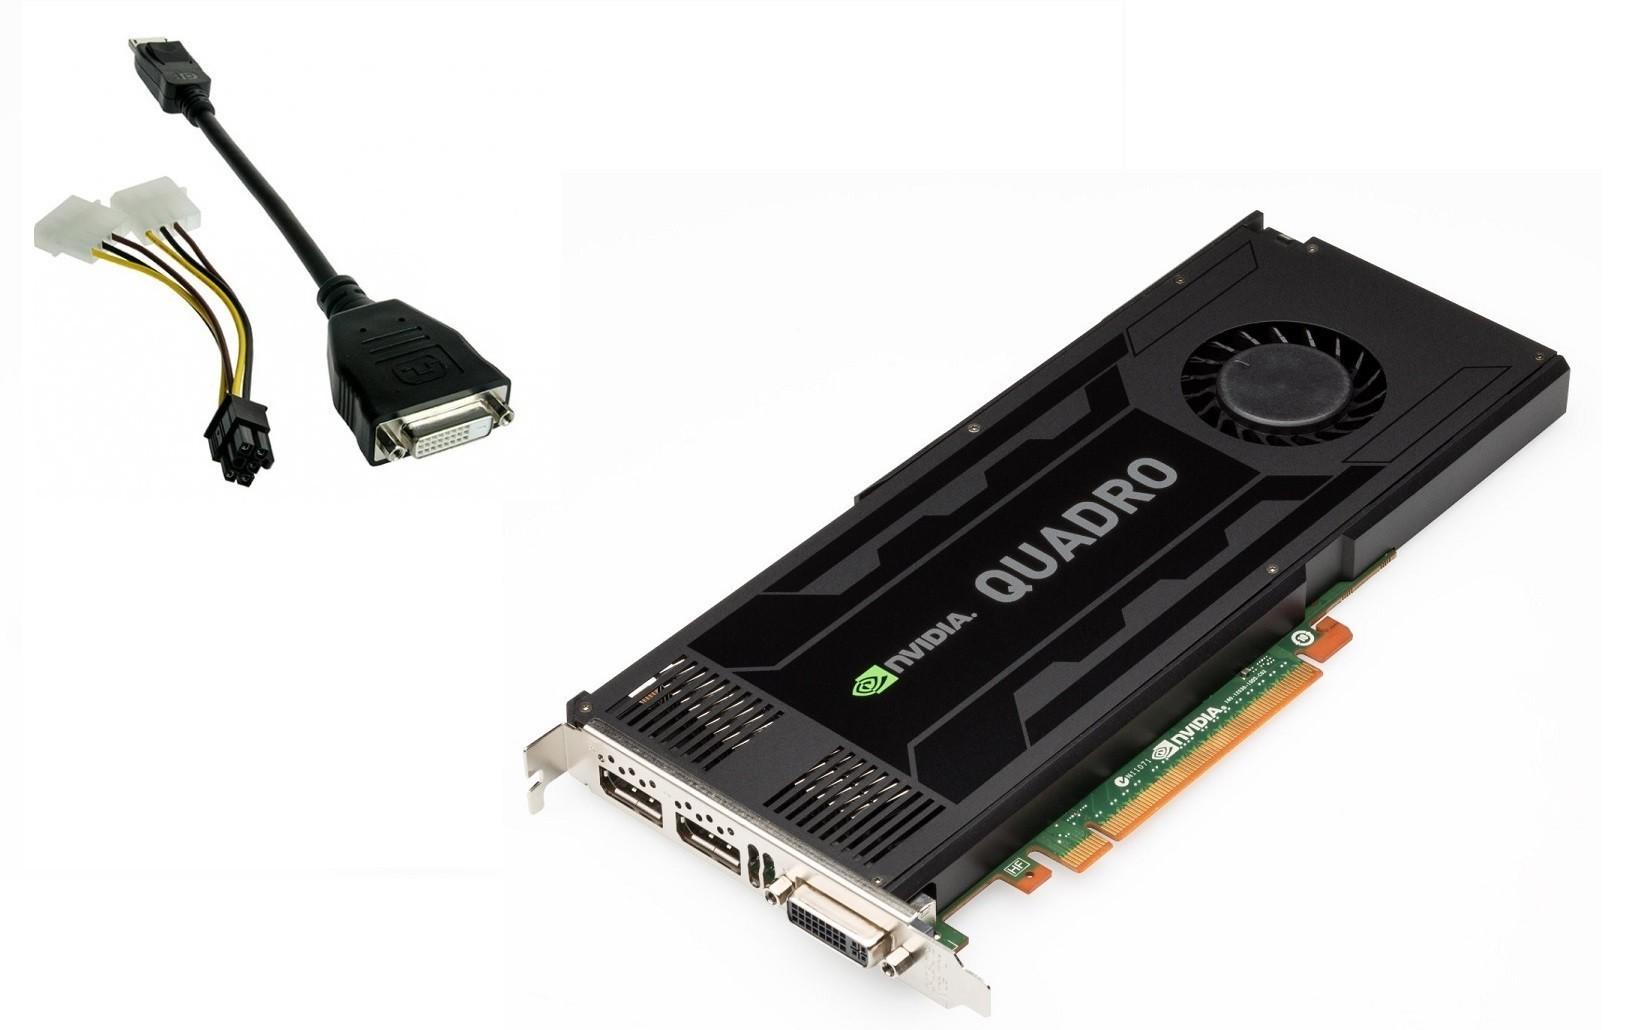 3GB HP Quadro K4000 GDDR5 PCI Express 2.0 x16 2x Displayports DVI Graphic Card 700104-001